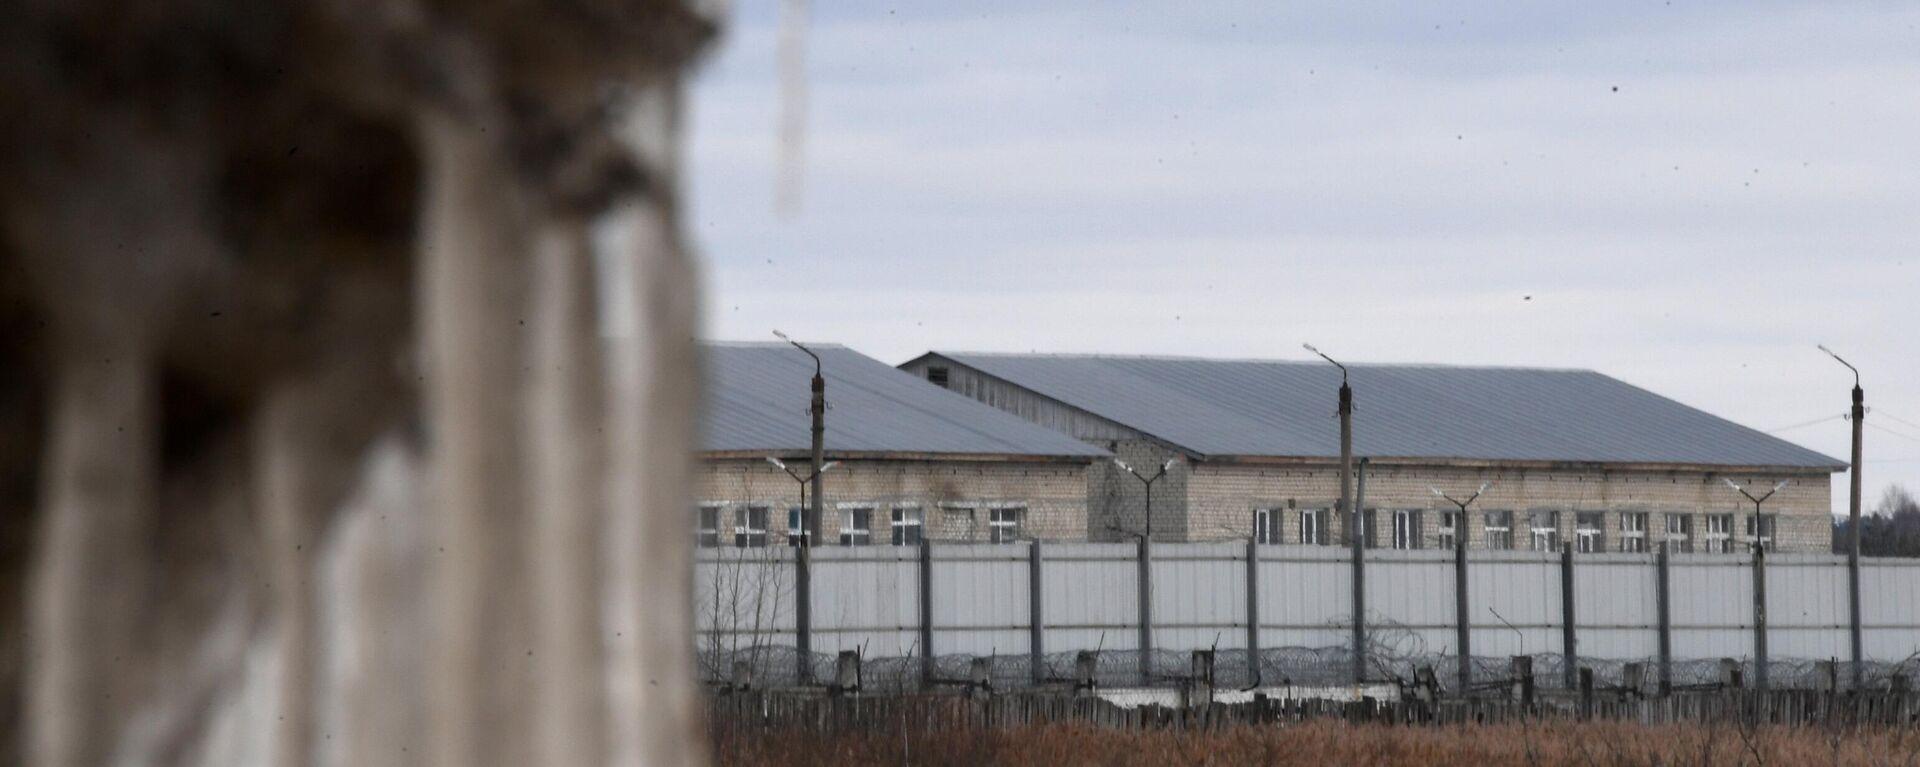 Haftanstalt, in der sich Alexej Nawalny befindet (Archivbild) - SNA, 1920, 22.04.2021